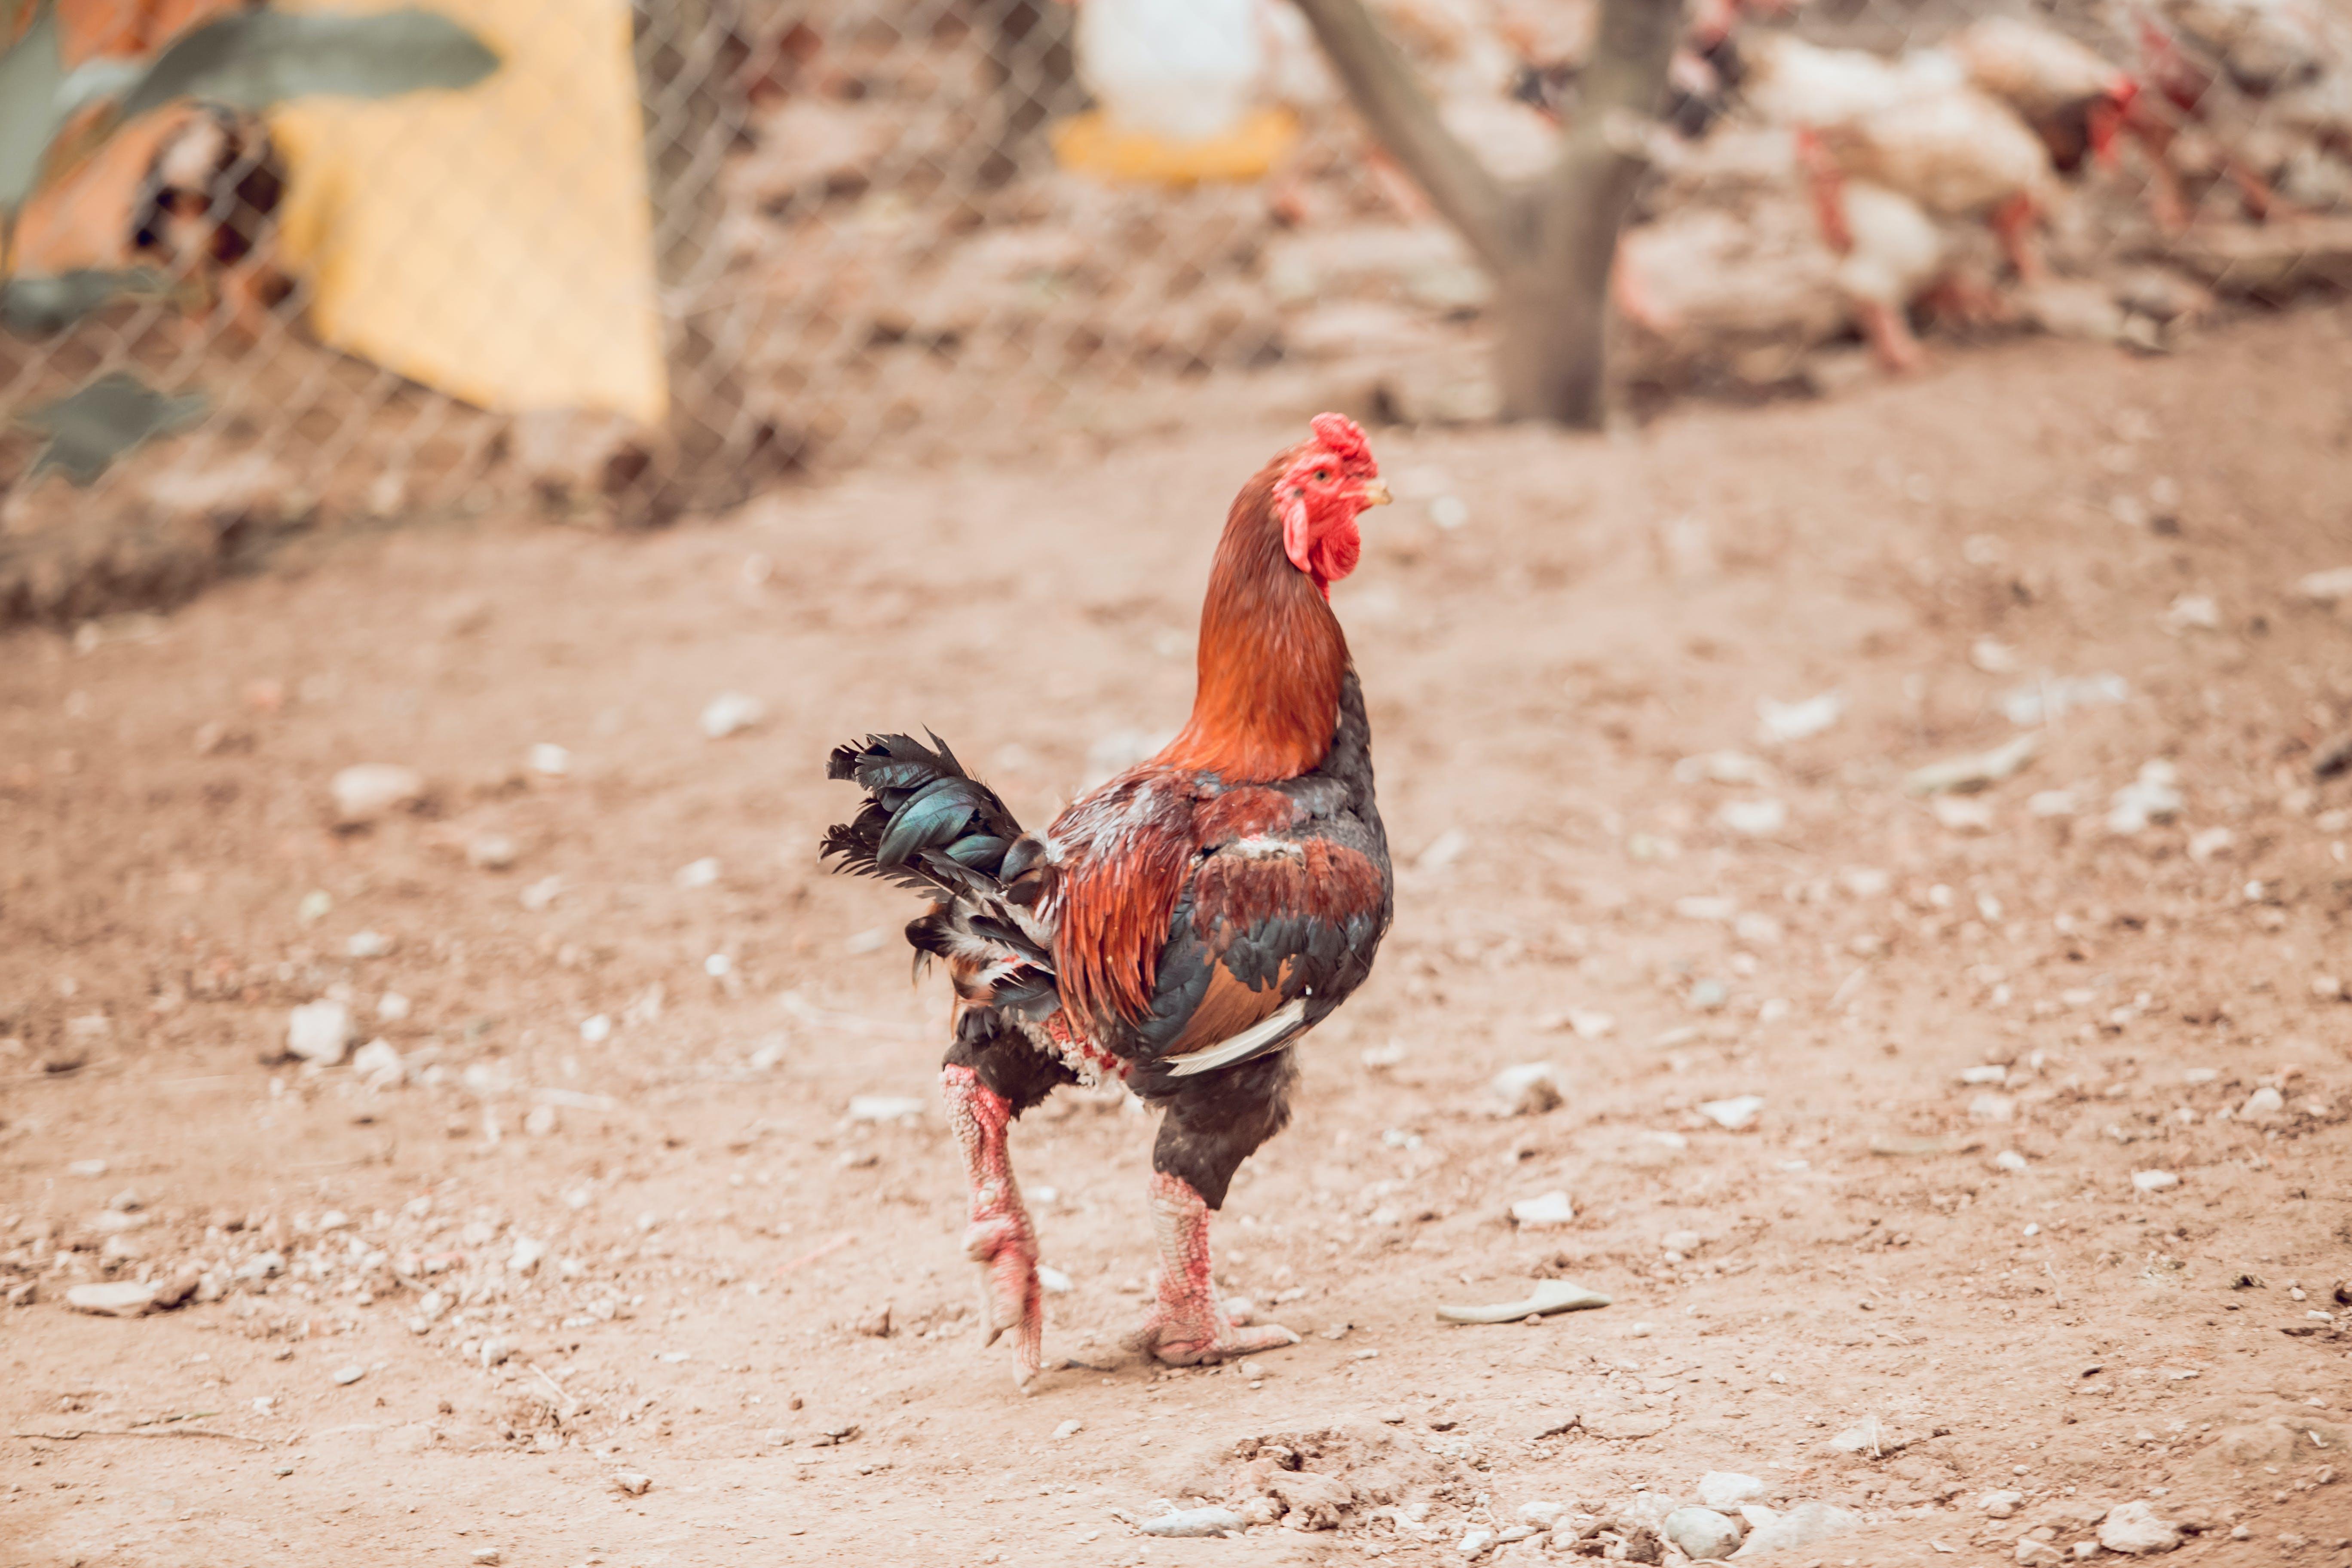 Çiftlik hayvanı, çük, Evcil Hayvan, hayvan içeren Ücretsiz stok fotoğraf